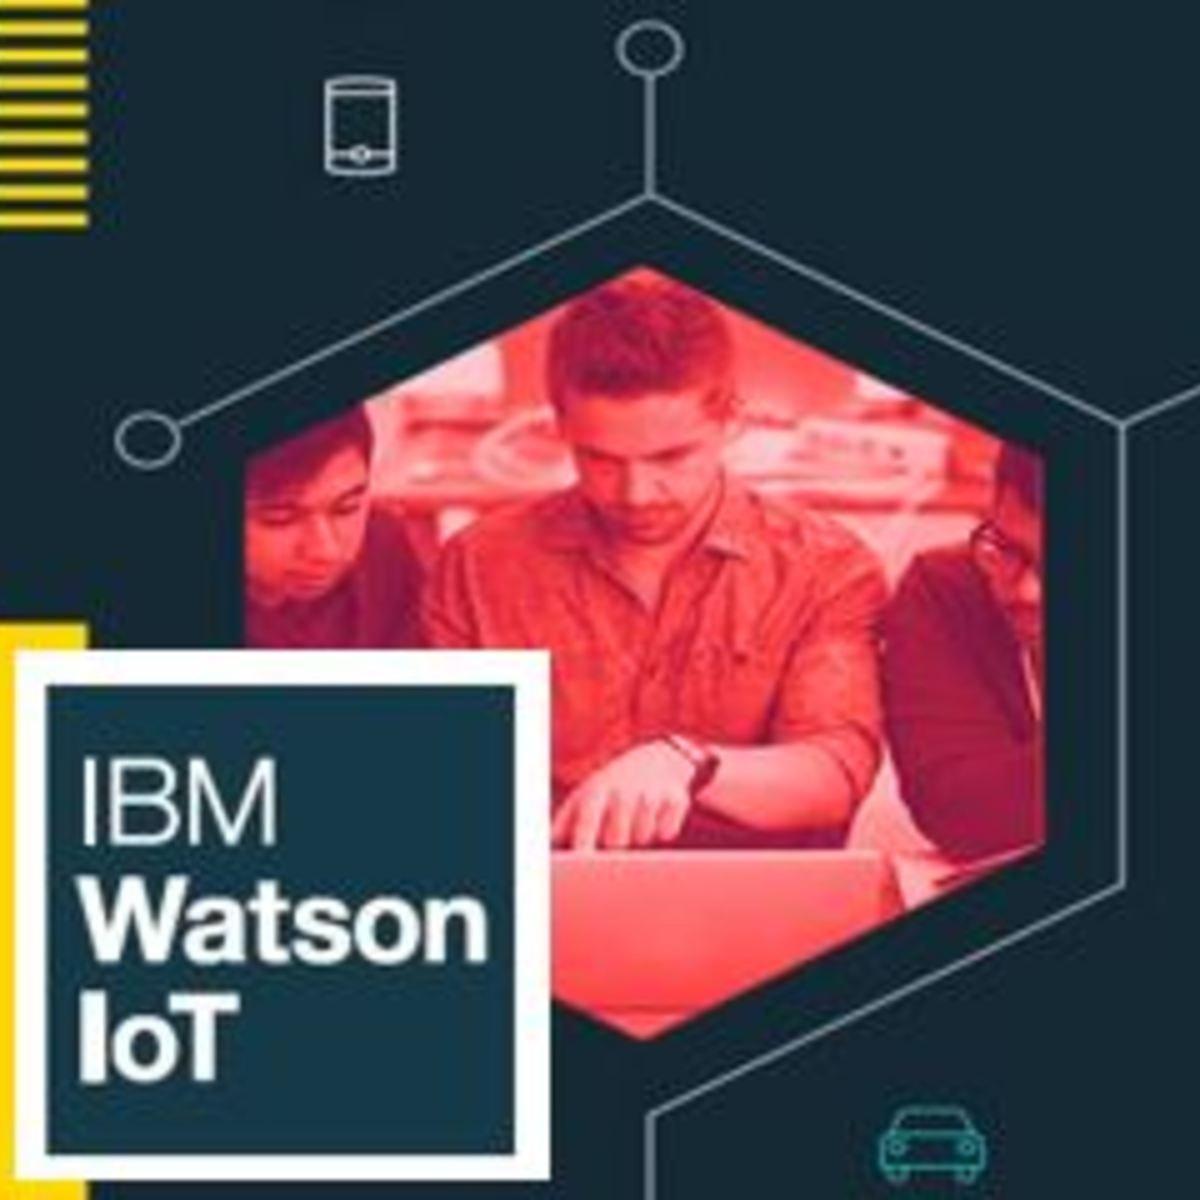 Watson-iot-thumbnail